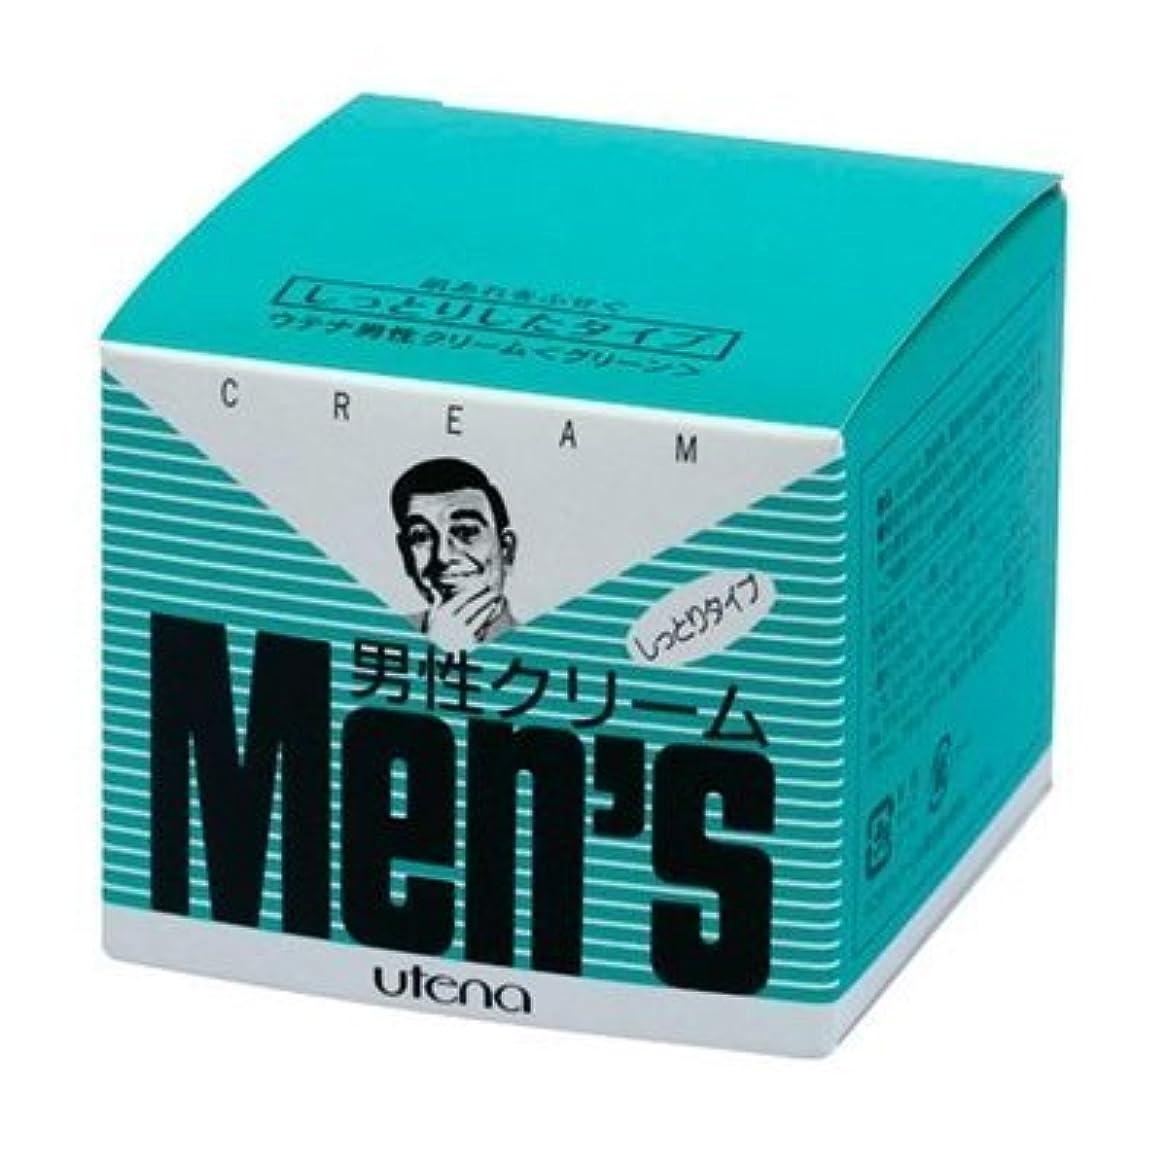 よろめくエンドテーブルのれんウテナ男性クリームG 3個セット